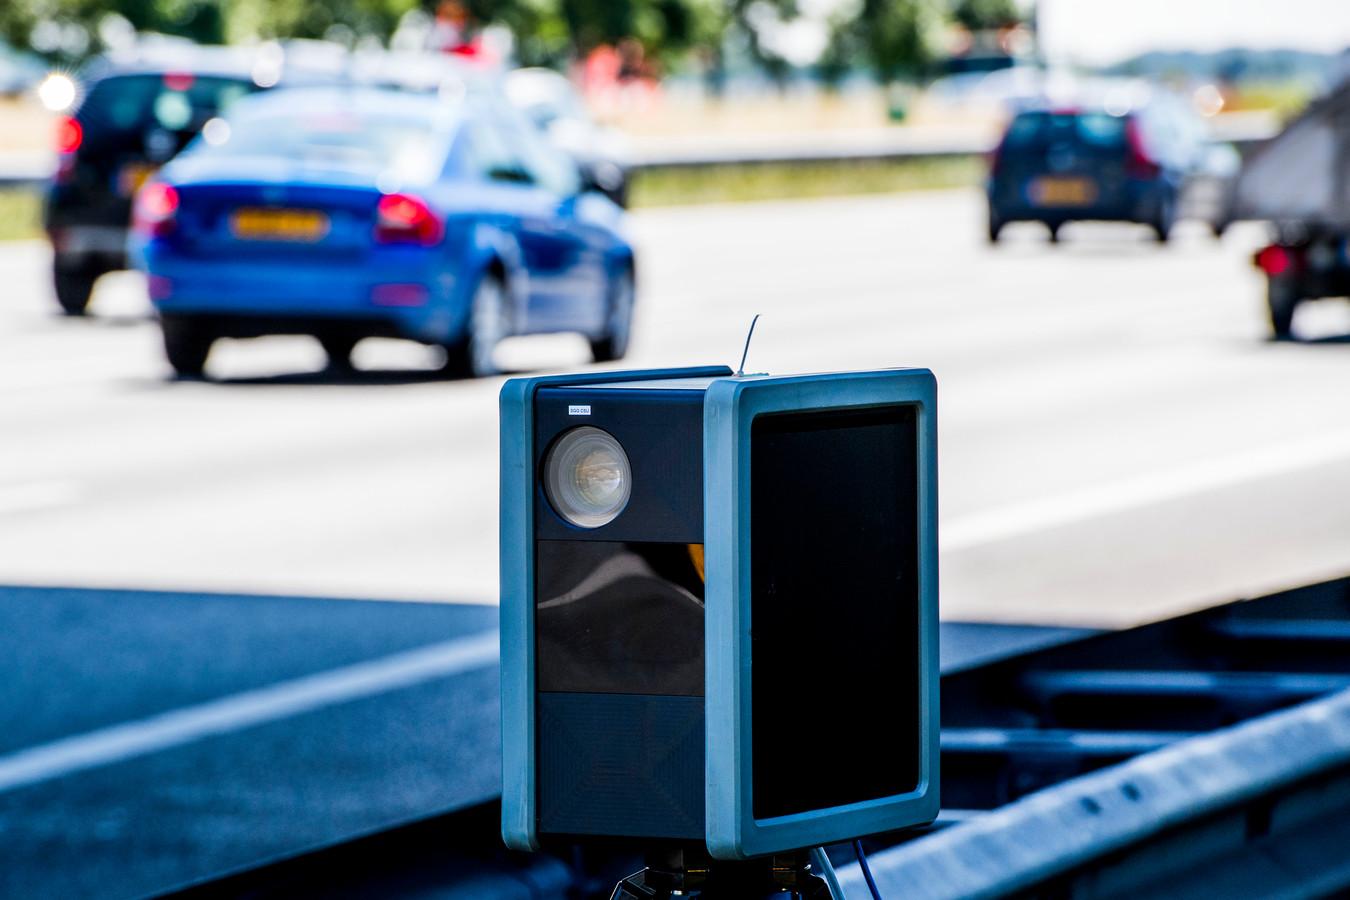 Het aantal geconstateerde verkeersovertredingen met behulp van een flitspaal is vorig jaar licht gestegen.